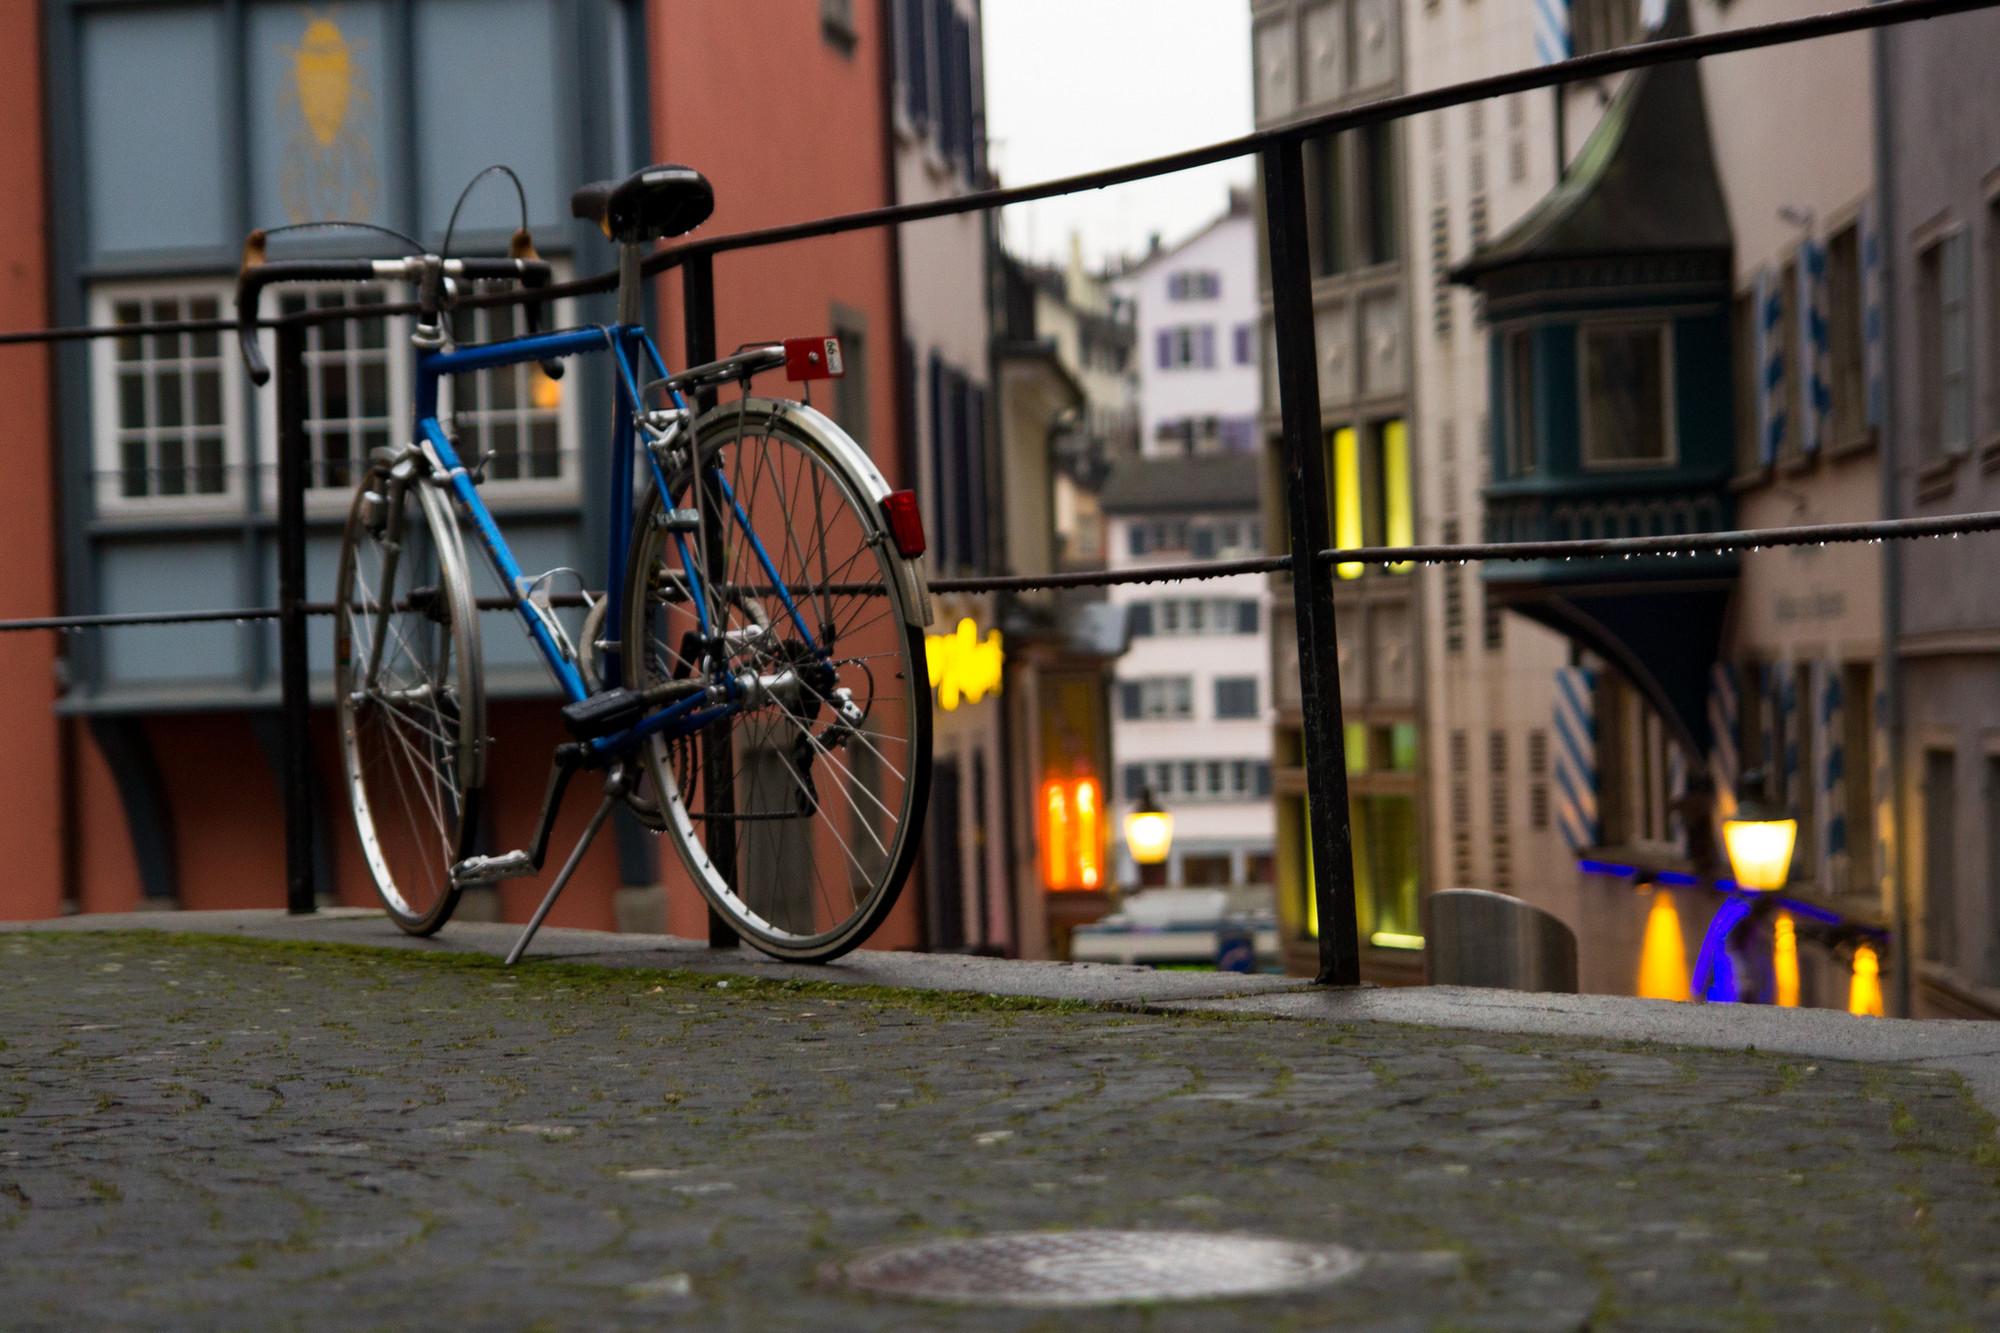 """Zurique: """"Você é bem-vindo na cidade, mas seu carro não"""", © Thomas8047 vía flickr. Used under <a href='https://creativecommons.org/licenses/by-sa/2.0/'>Creative Commons</a>"""